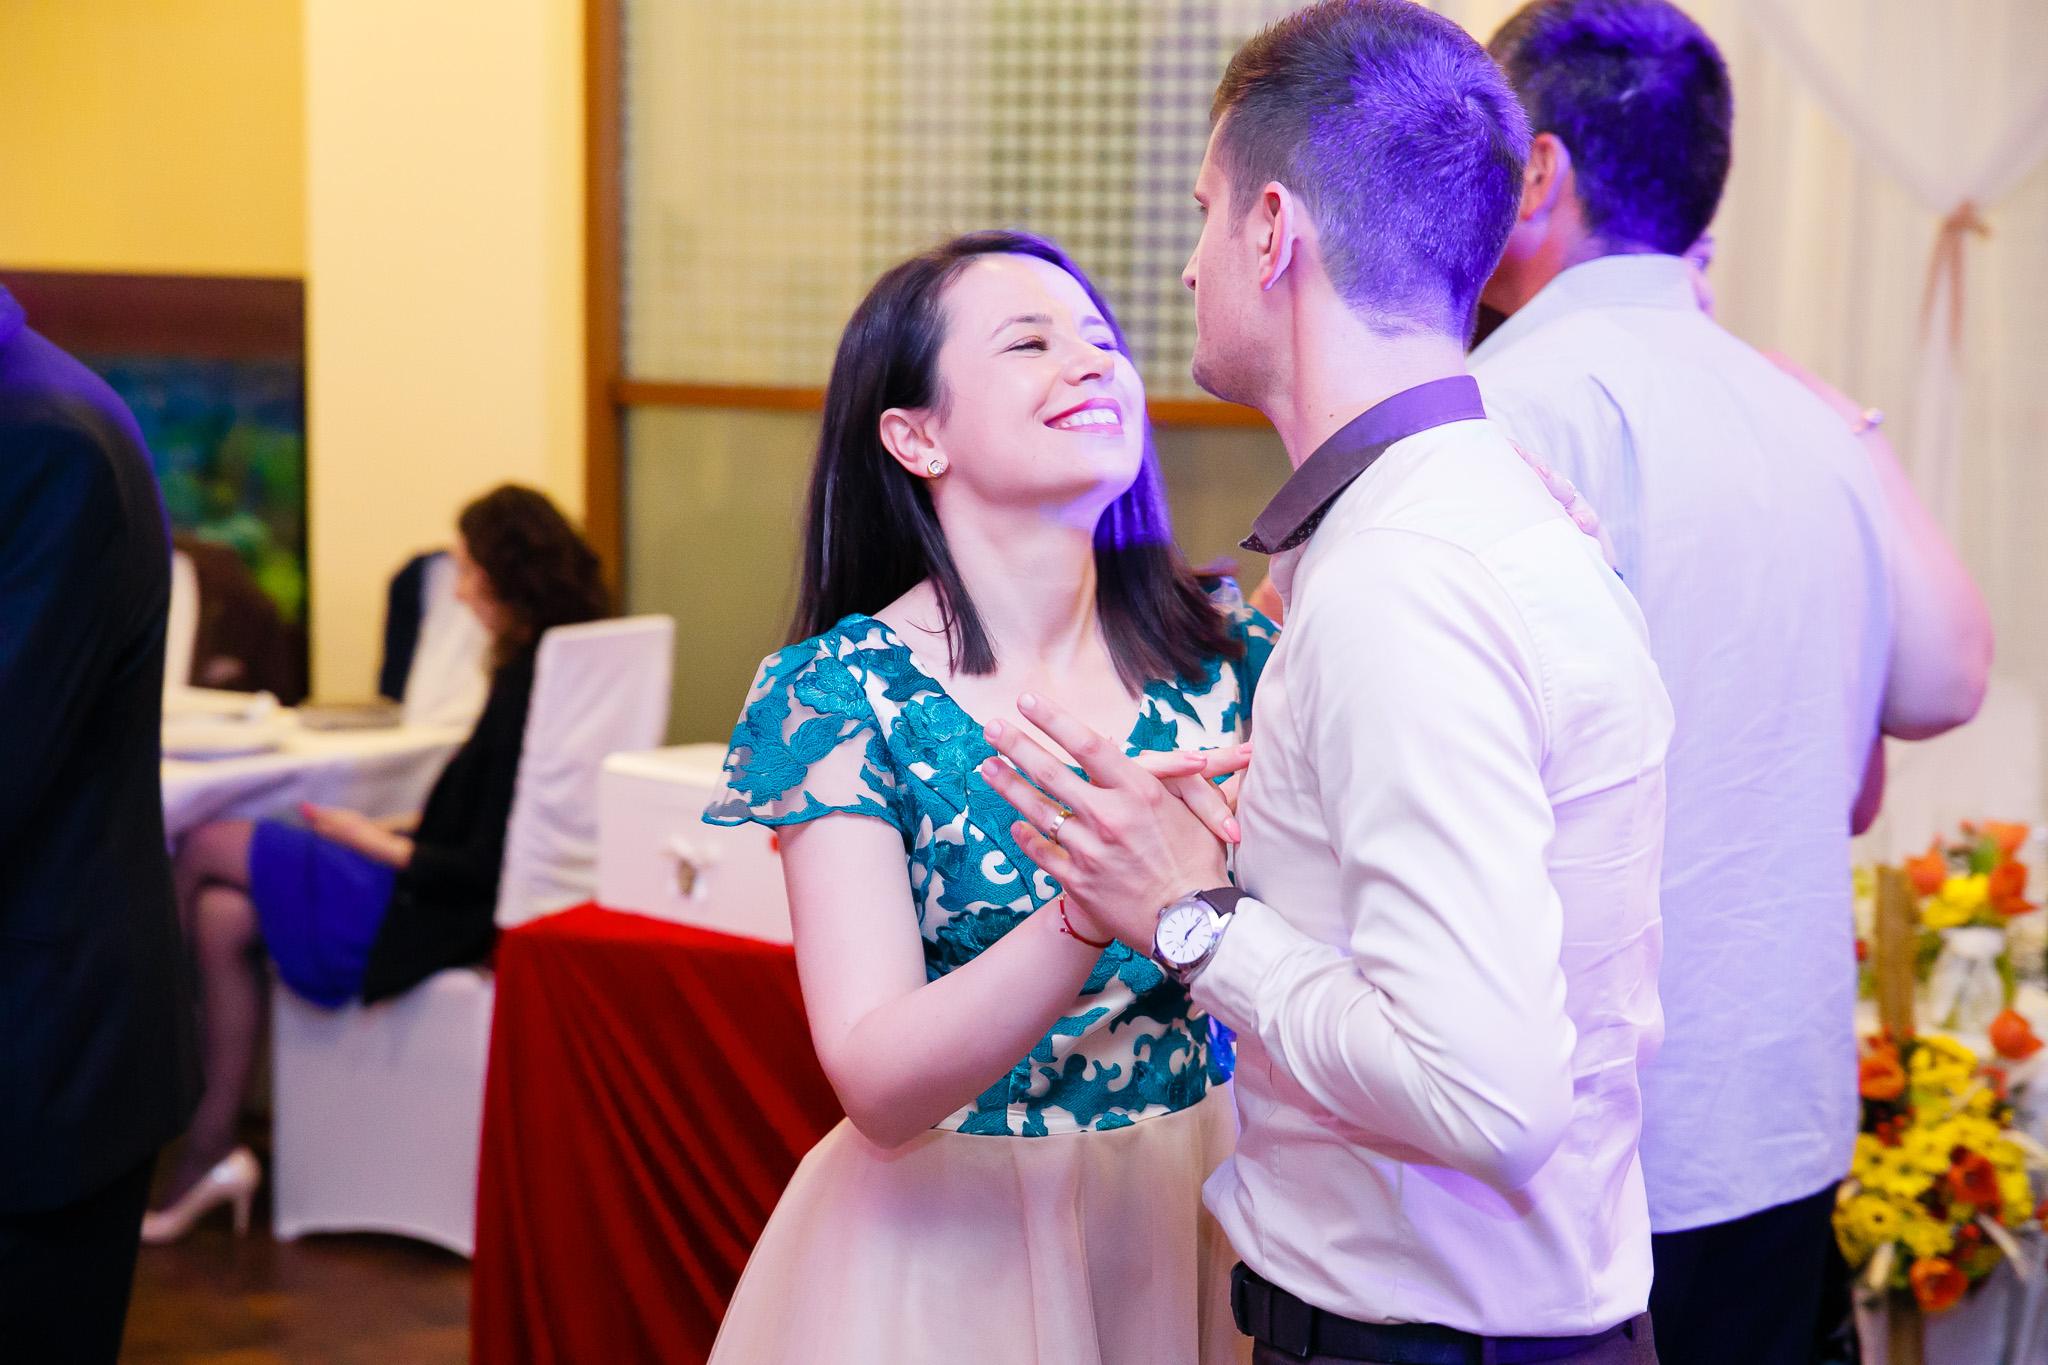 Nuntă tradițională Elisabeta și Alexandru fotograf profesionist nunta Iasi www.paulpadurariu.ro © 2018 Paul Padurariu fotograf de nunta Iasi petrecere miri 10